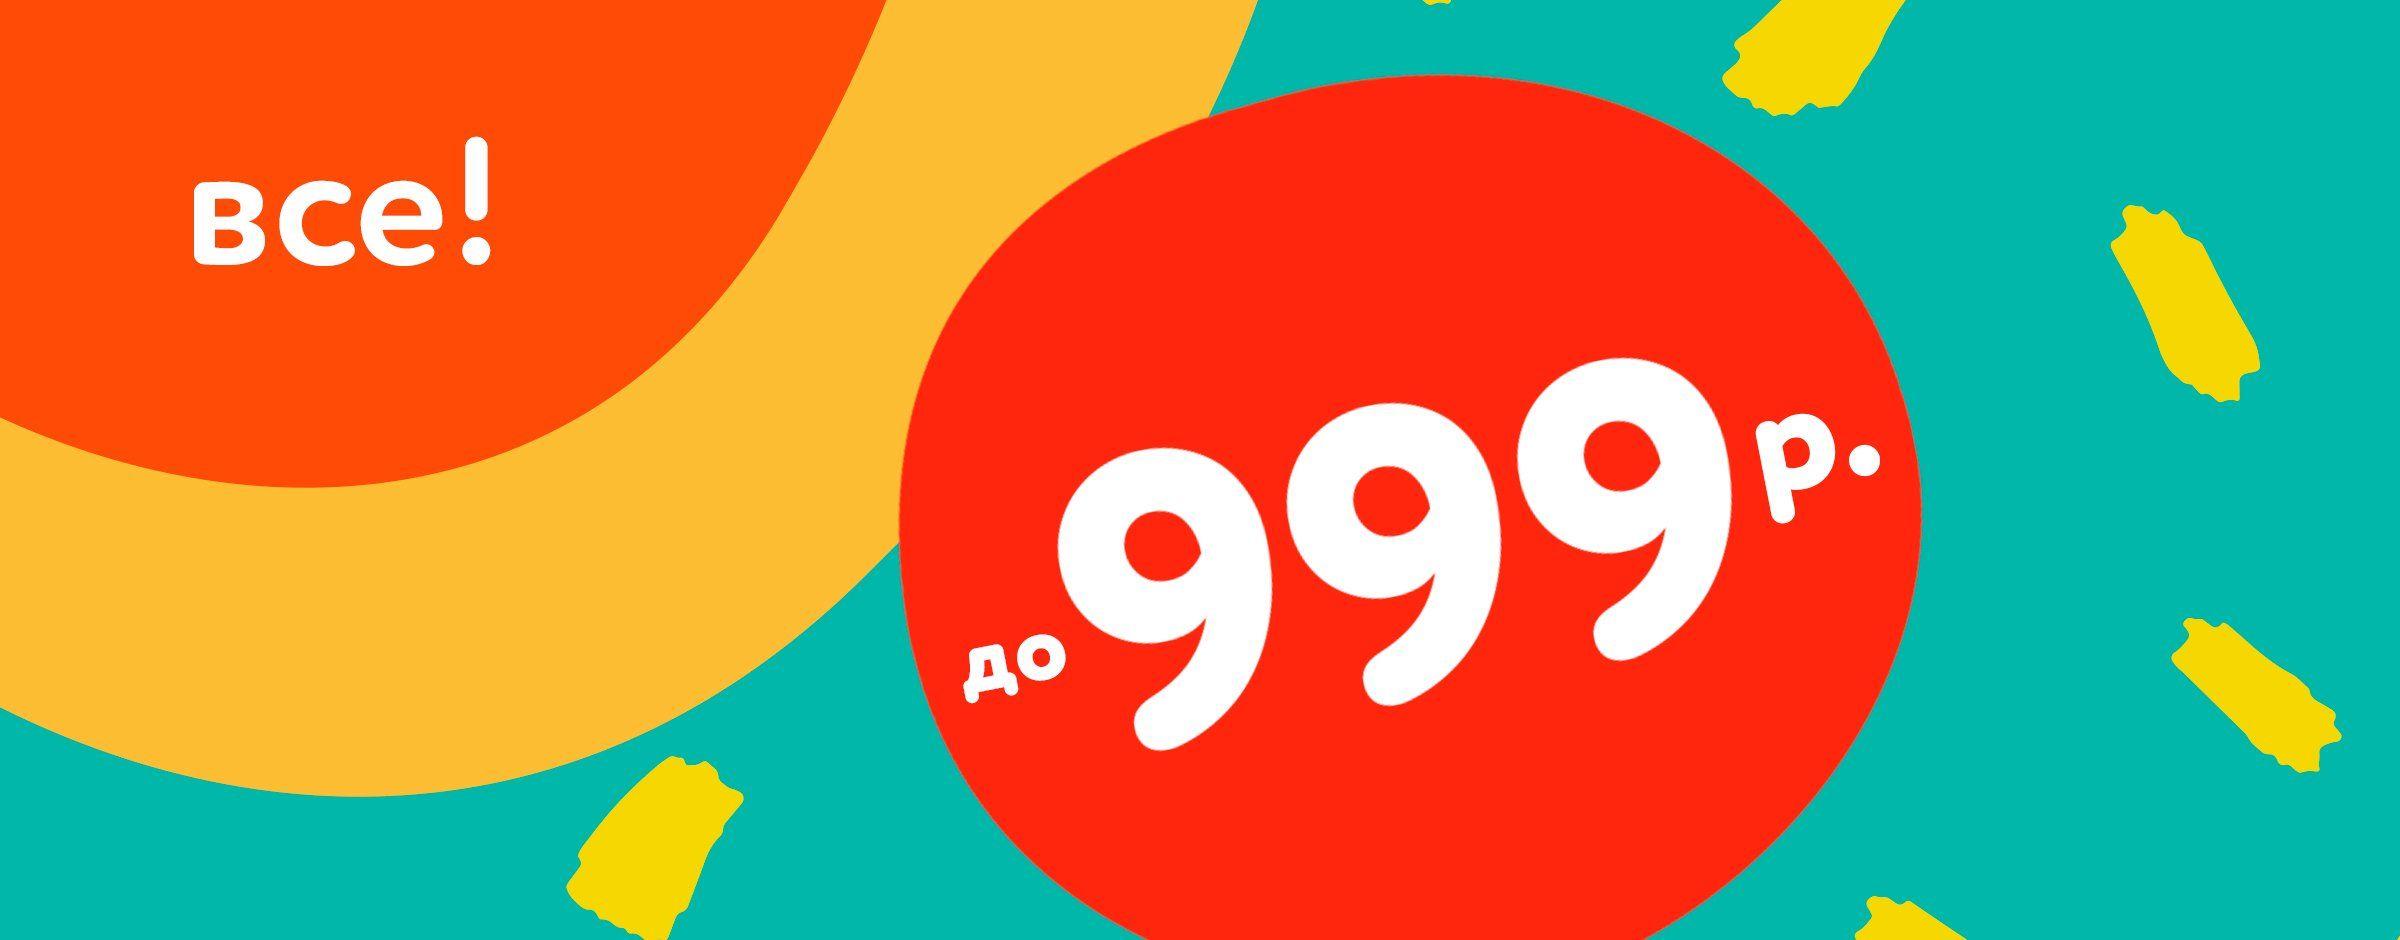 Всё до 999р.